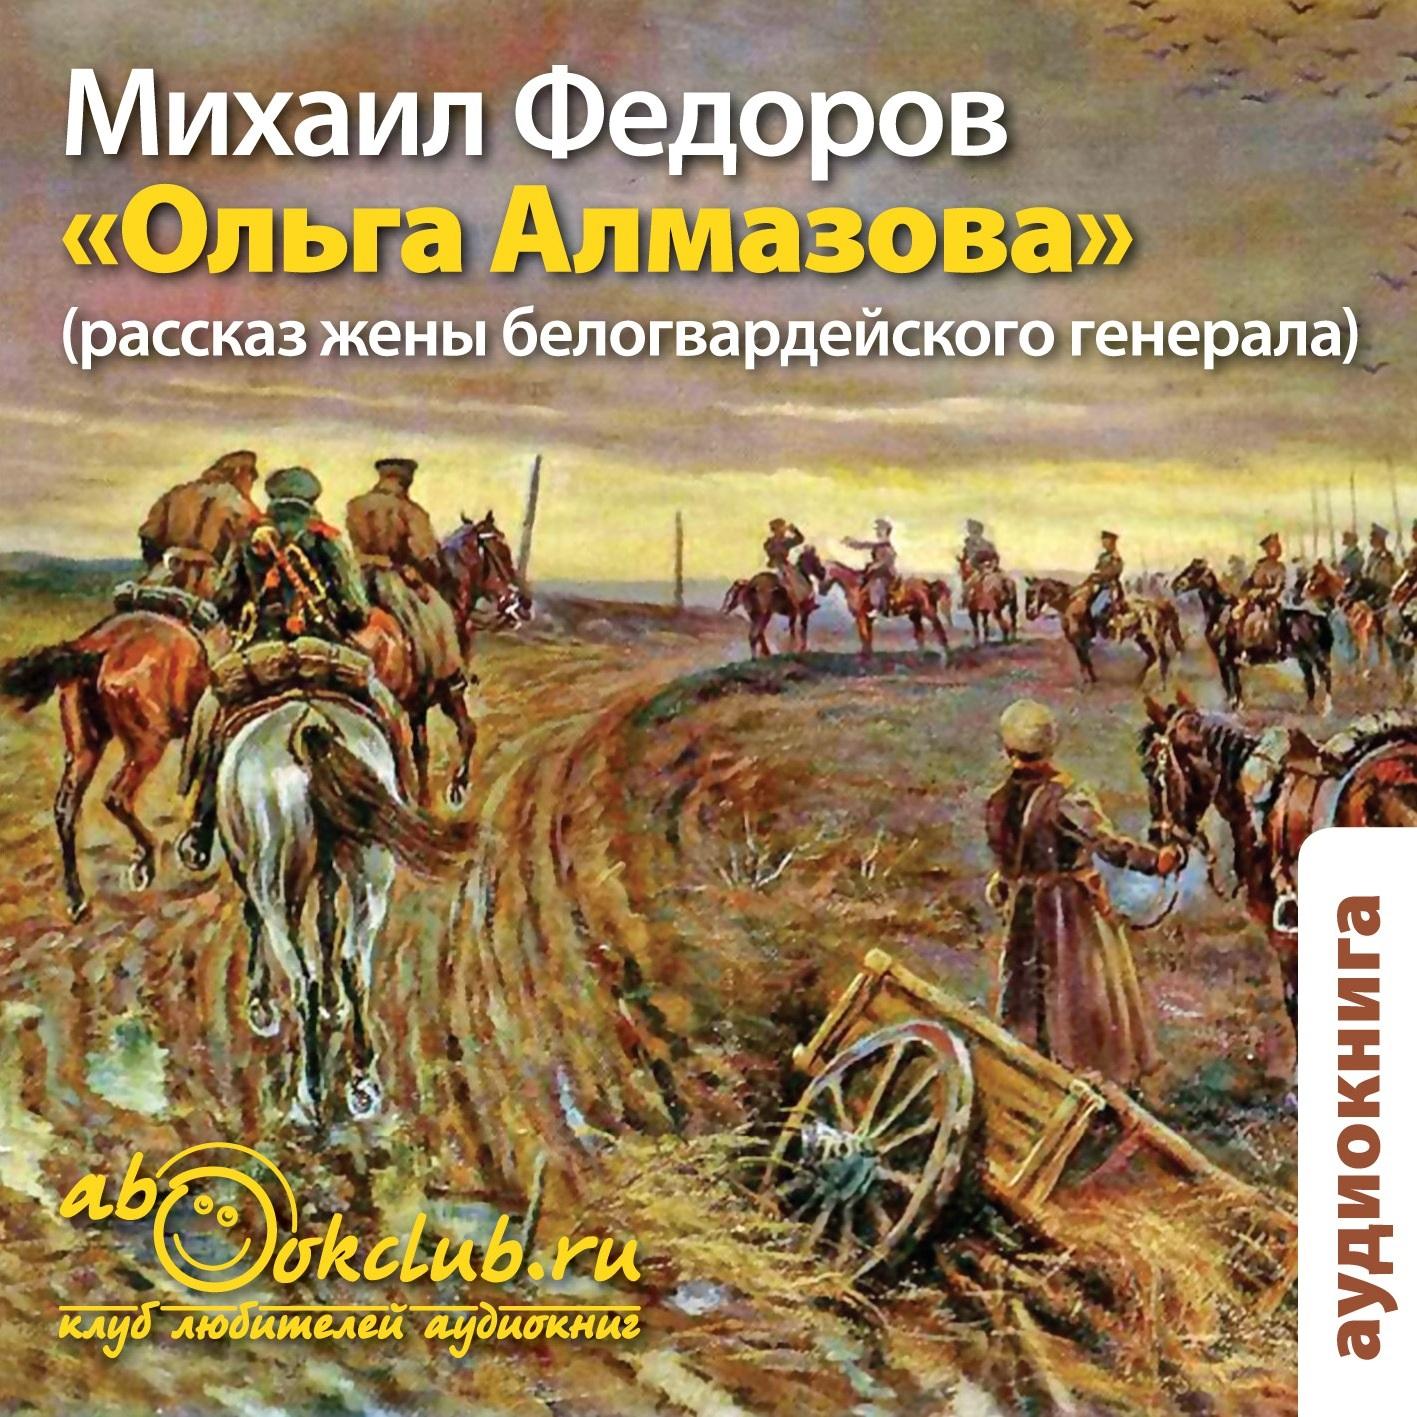 Ольга Алмазова (рассказ жены белогвардейского генерала) (Цифровая версия)